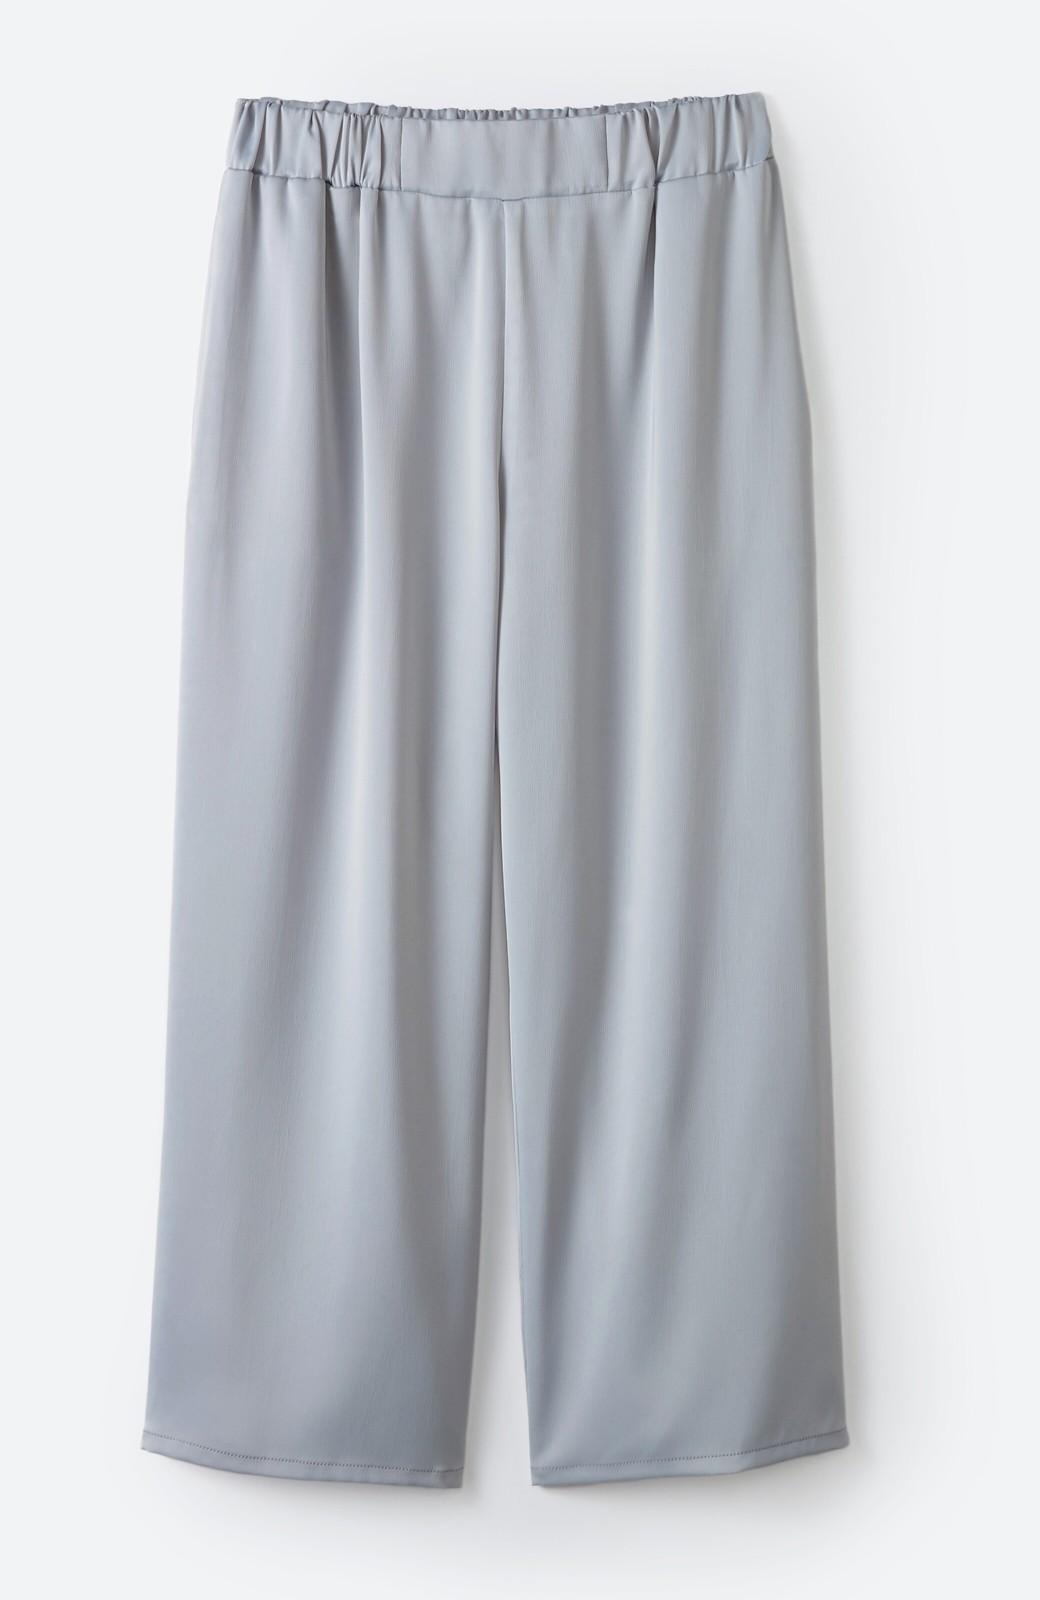 haco! パンツ派さんのデート着 プリーツスカート風にもなる華やかパンツセット <ライトブルーグレー>の商品写真4